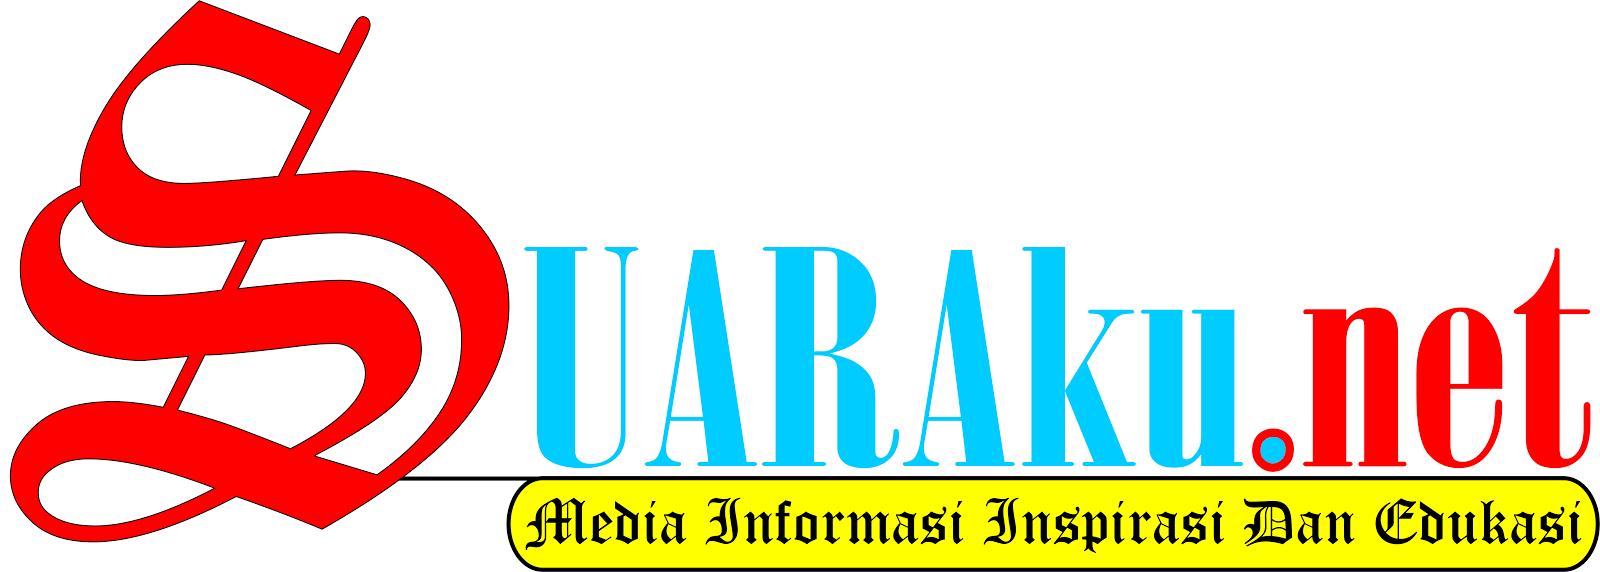 Suaraku.net